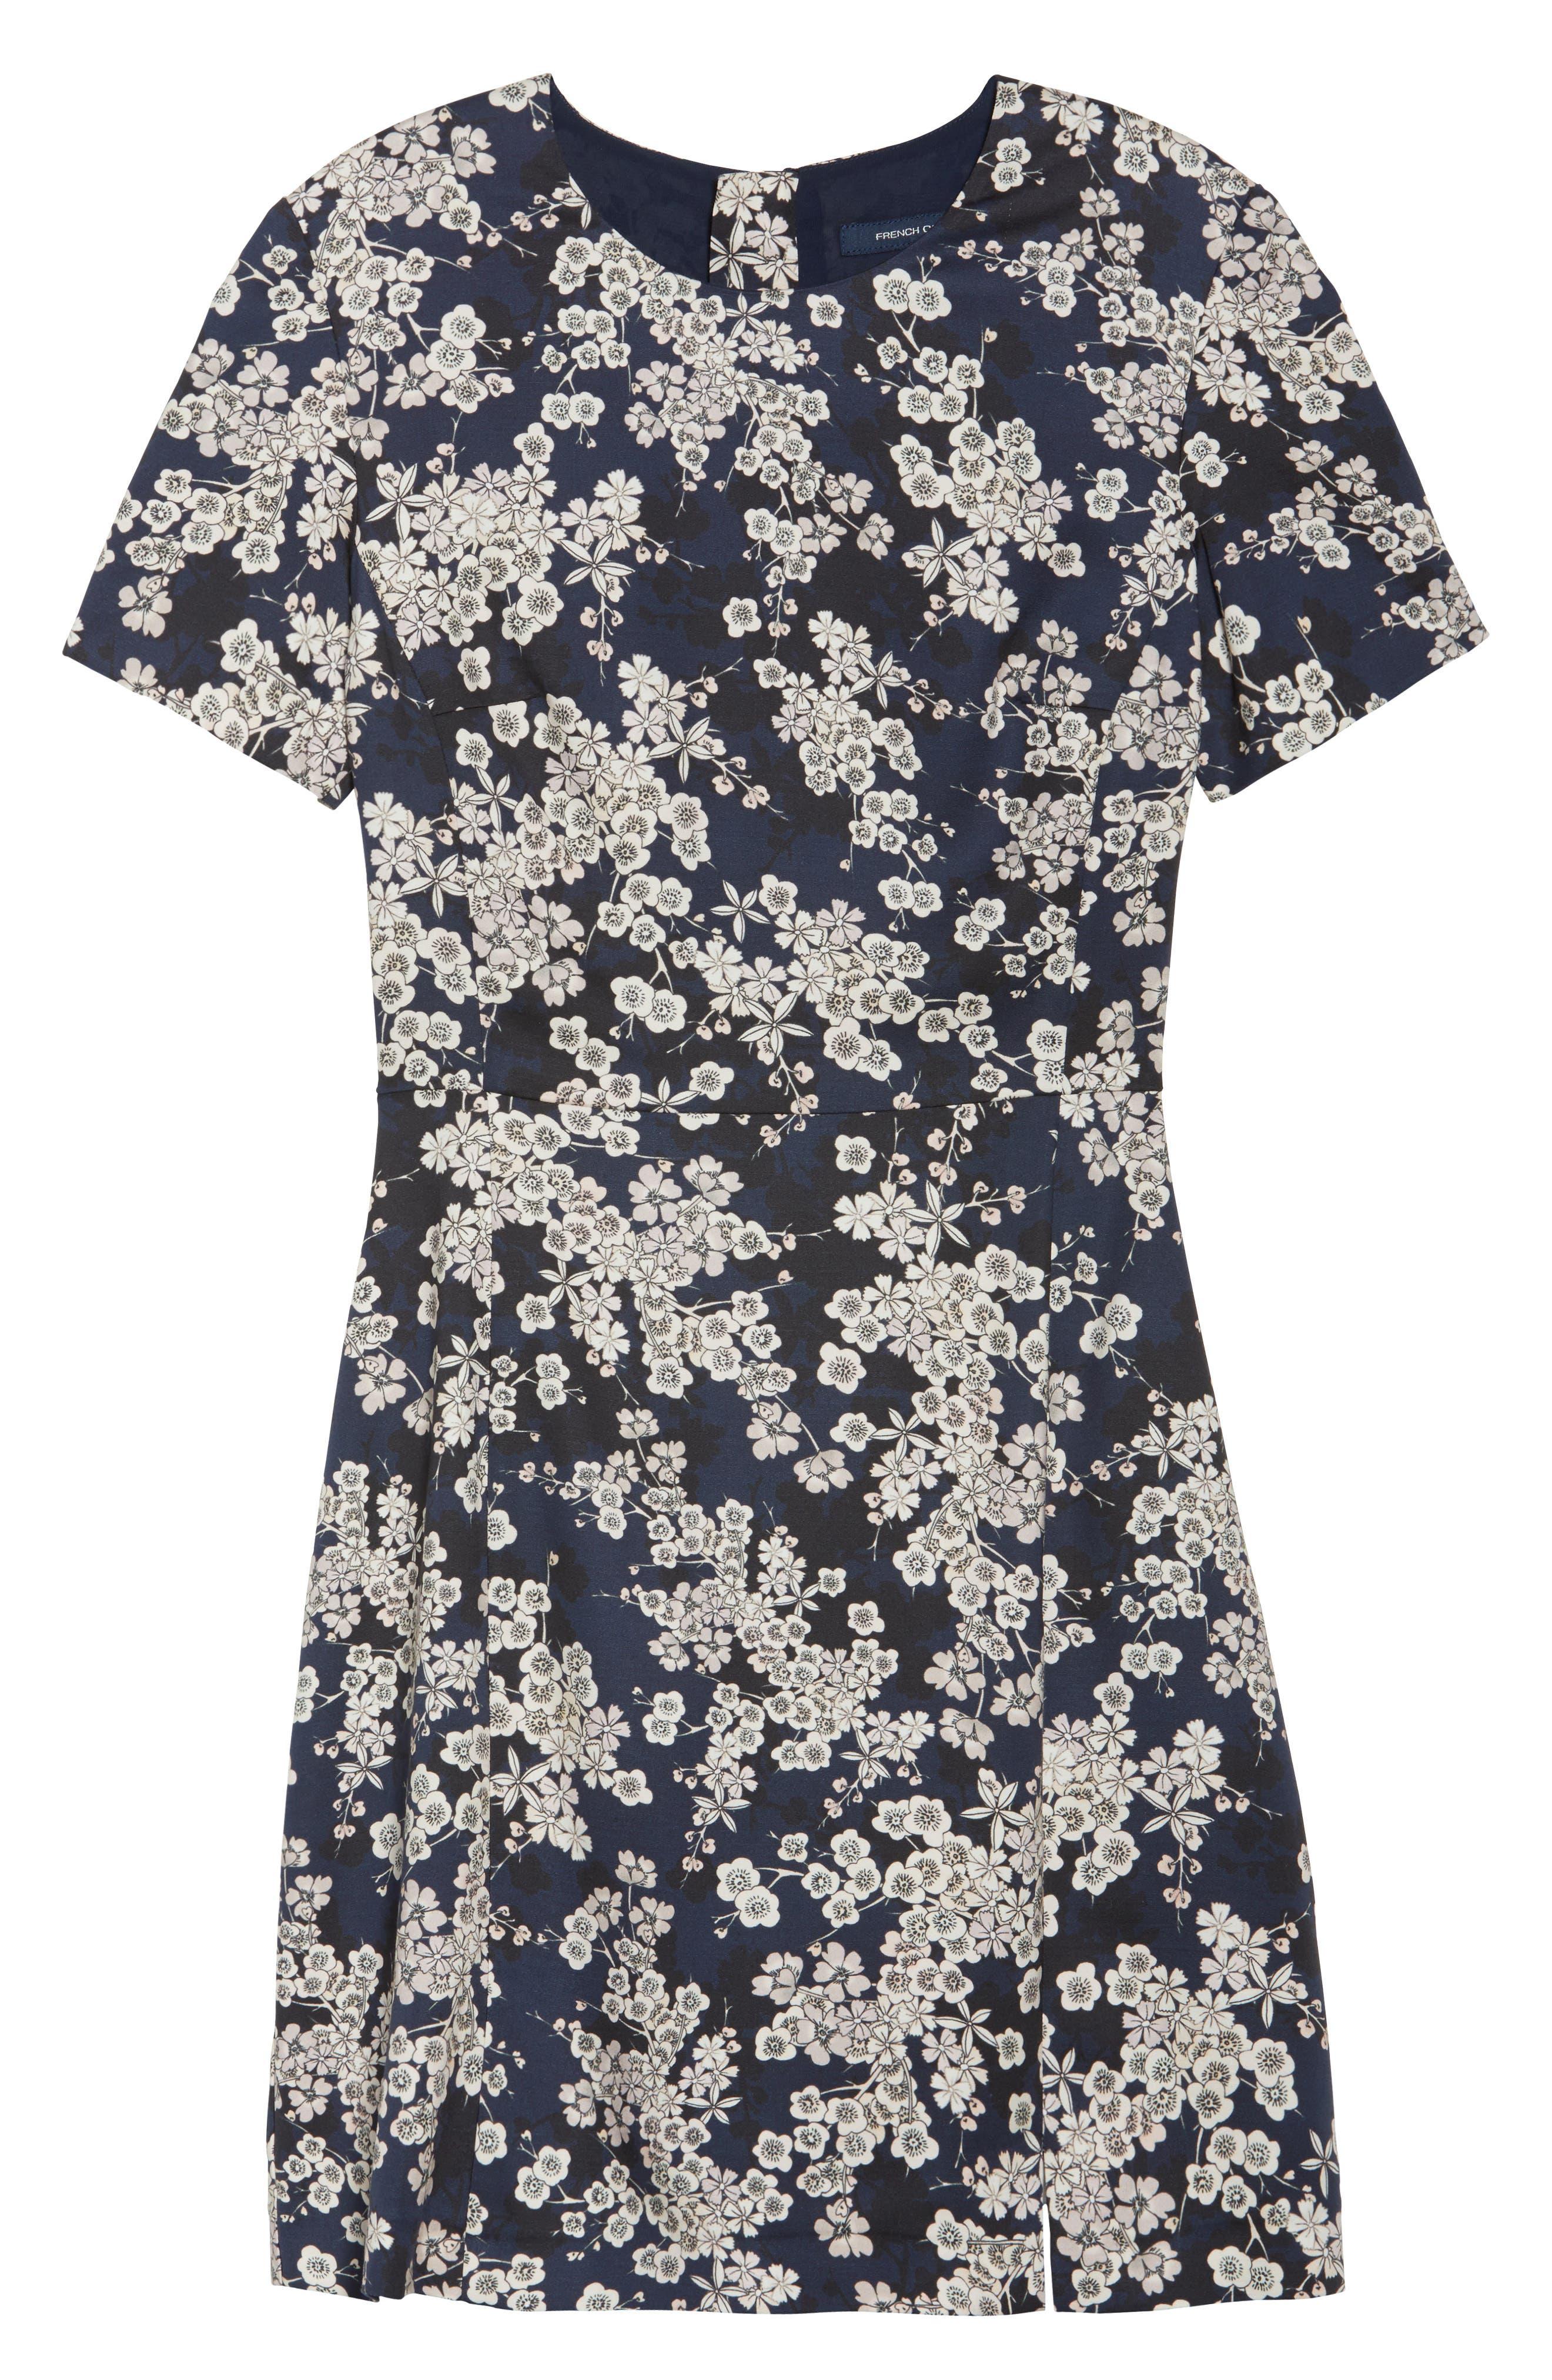 Rishiri Sheath Dress,                             Alternate thumbnail 7, color,                             Nocturnal Multi